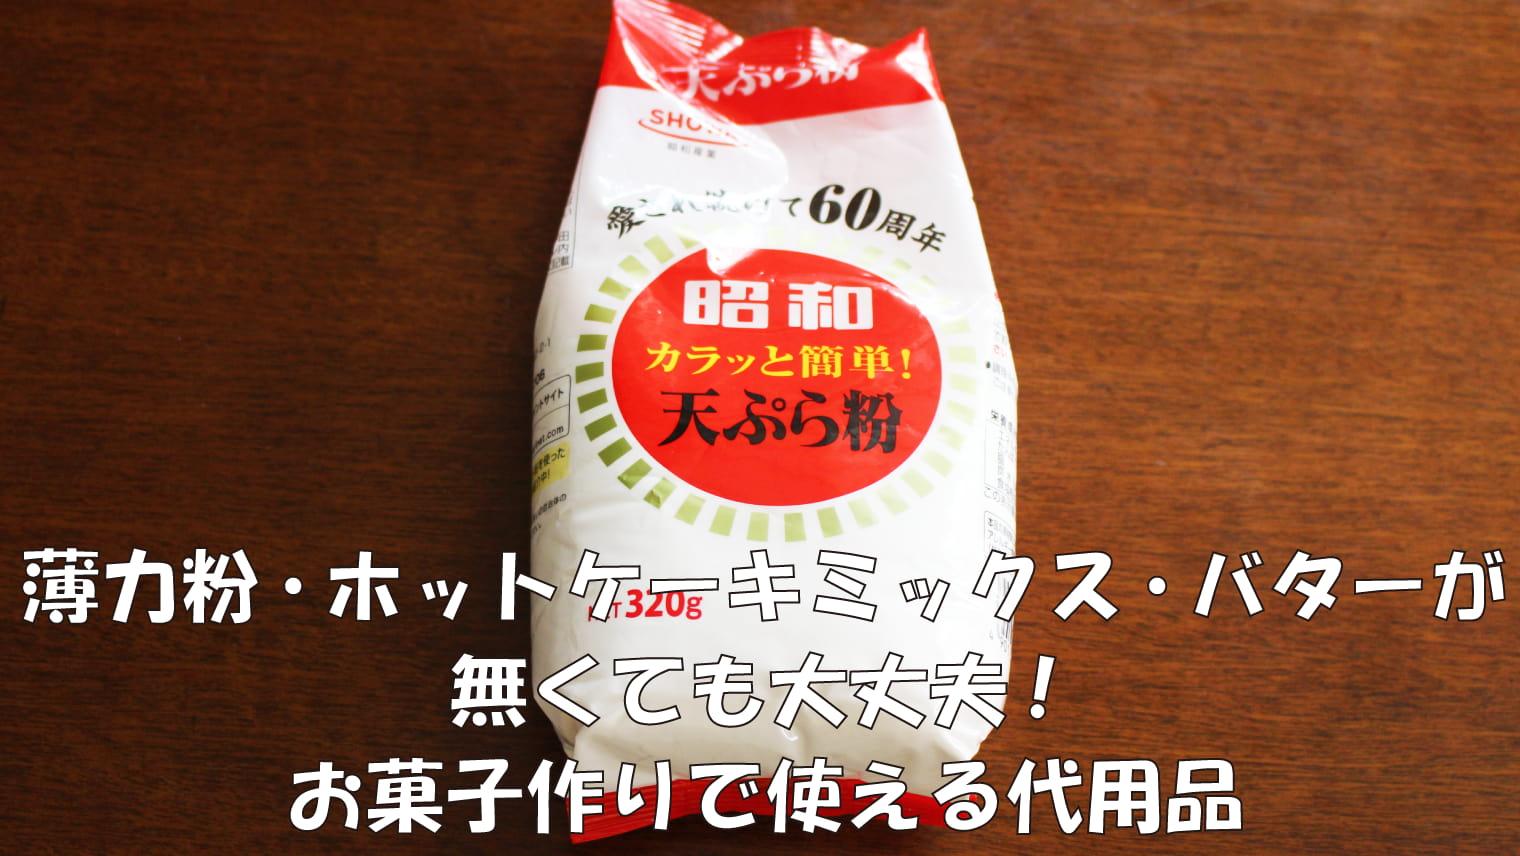 お菓子作りで使える代用品【薄力粉・ホットケーキミックス・バター無しでもOK】